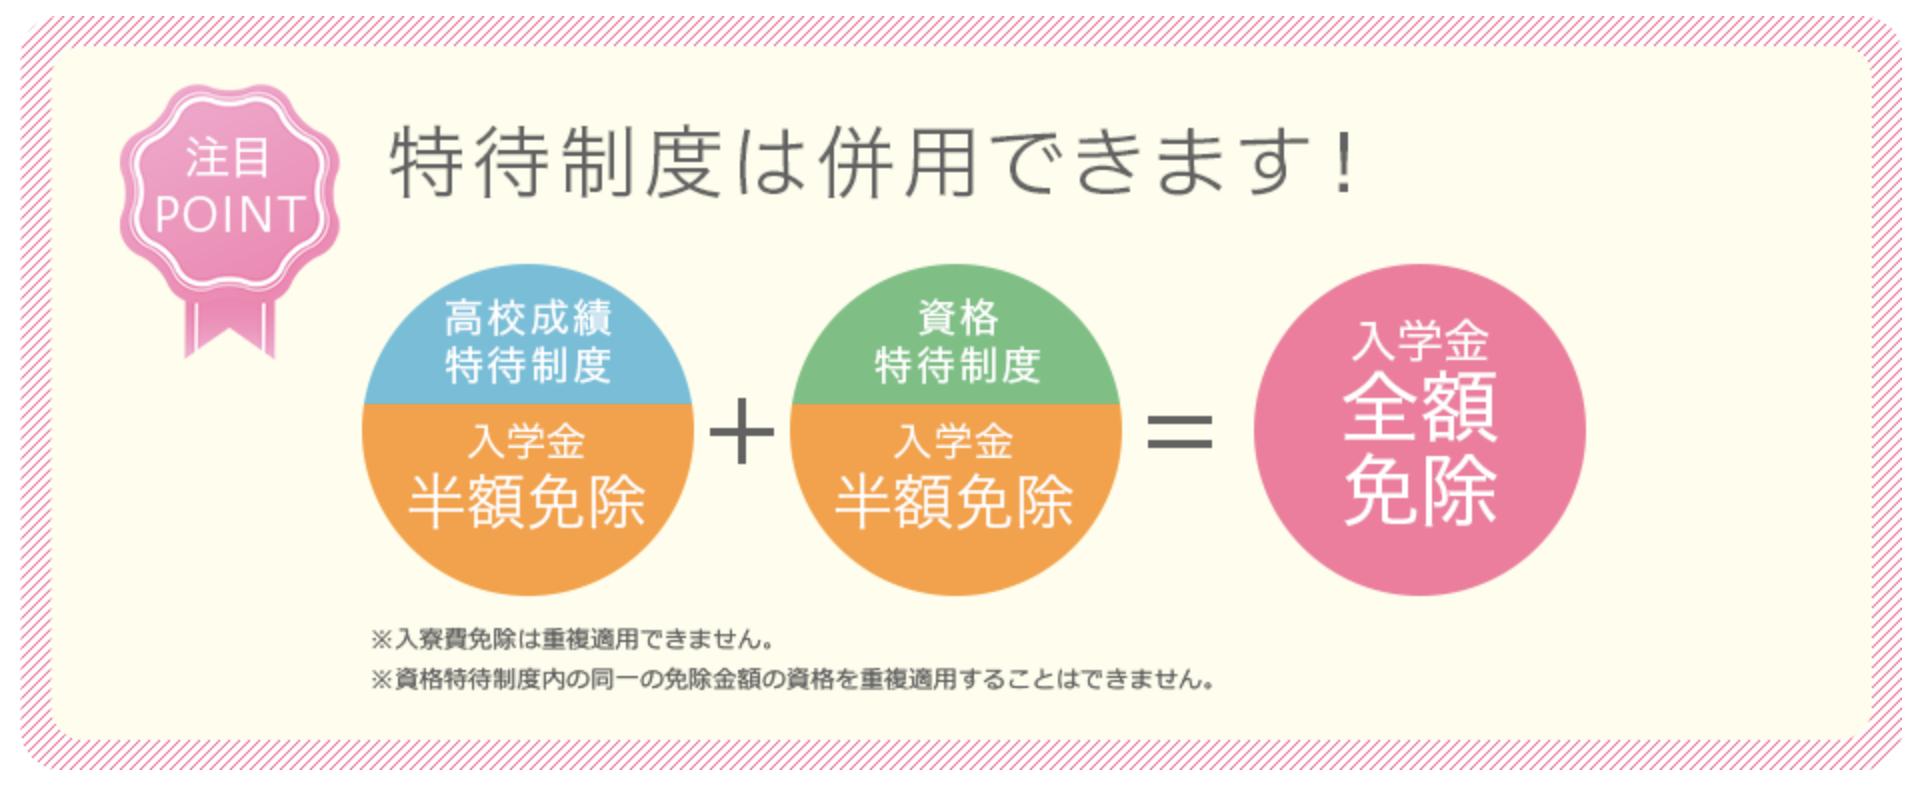 聖徳大学入試特待制度のご紹介